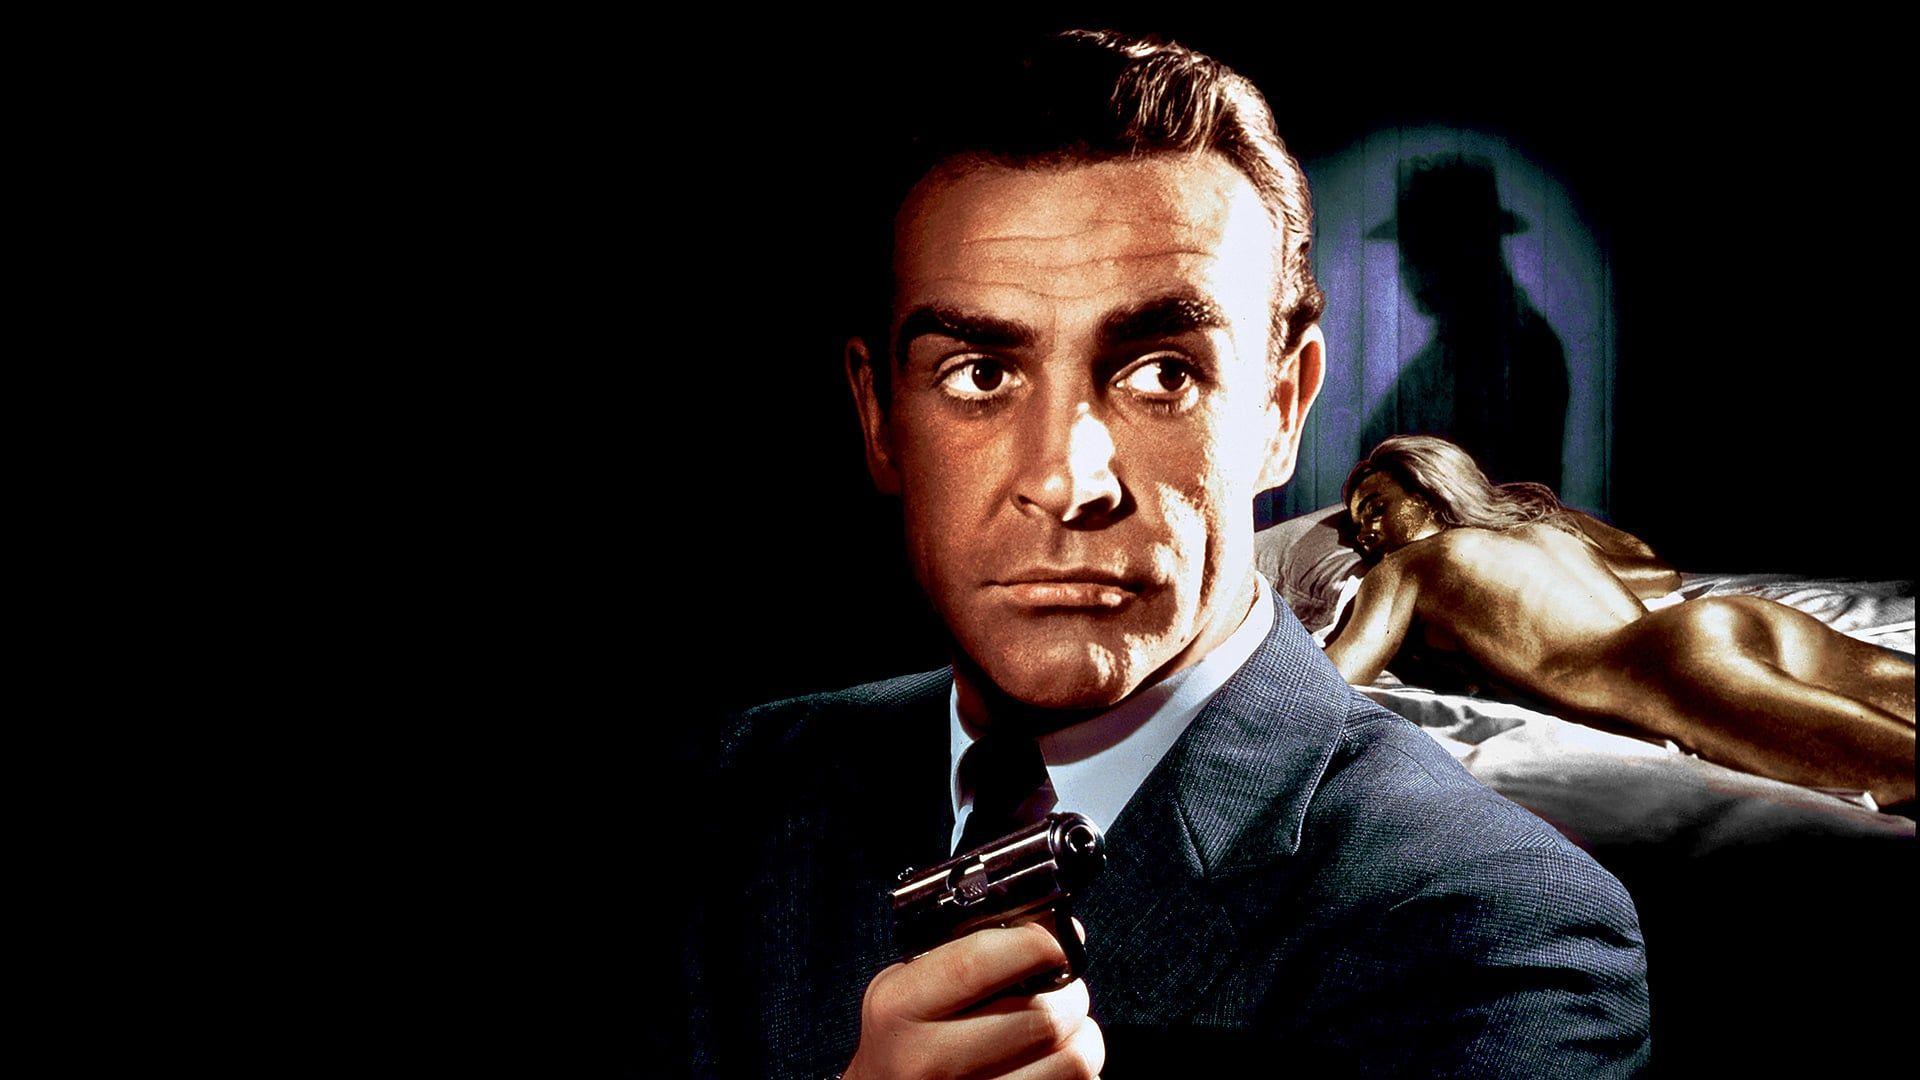 James Bond 007 Goldfinger 1964 Ganzer Film Stream Deutsch Komplett Online James Bond 007 Goldfinger 1964complete Film Deu James Bond Bond Filme Stream